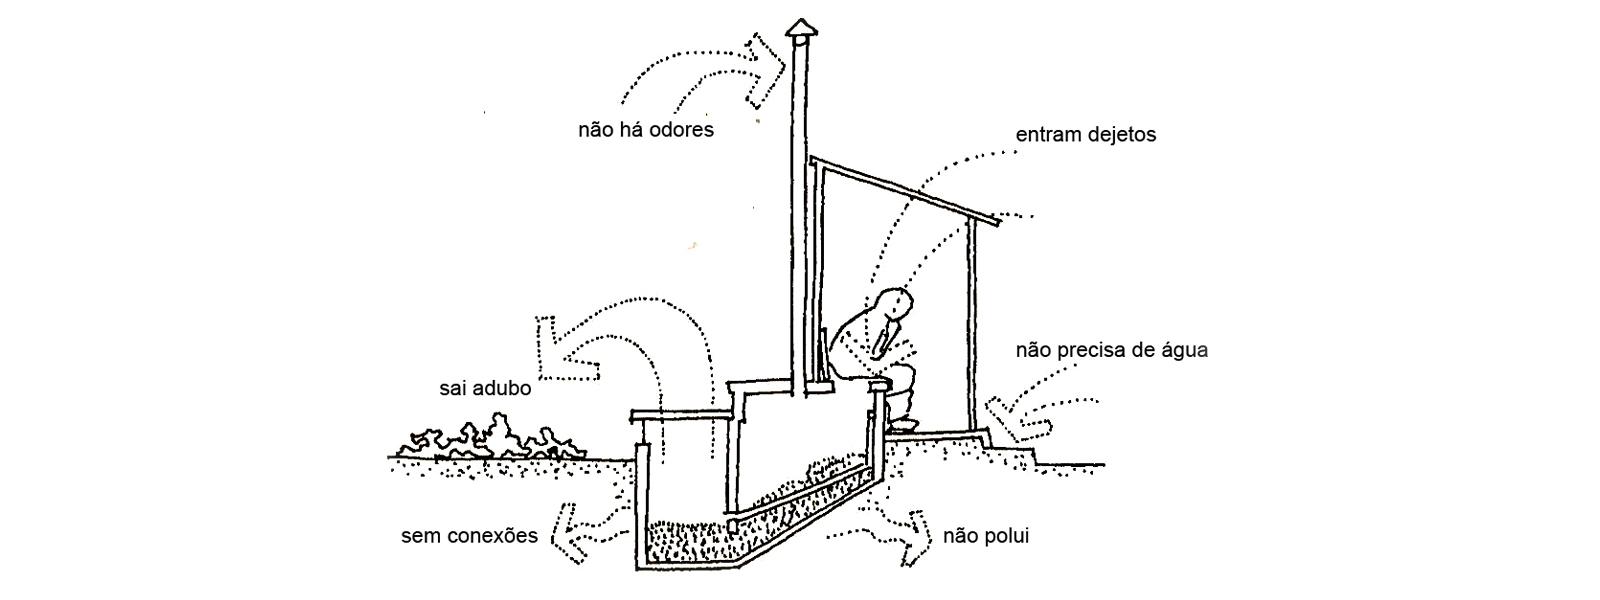 bason-sanitario-seco